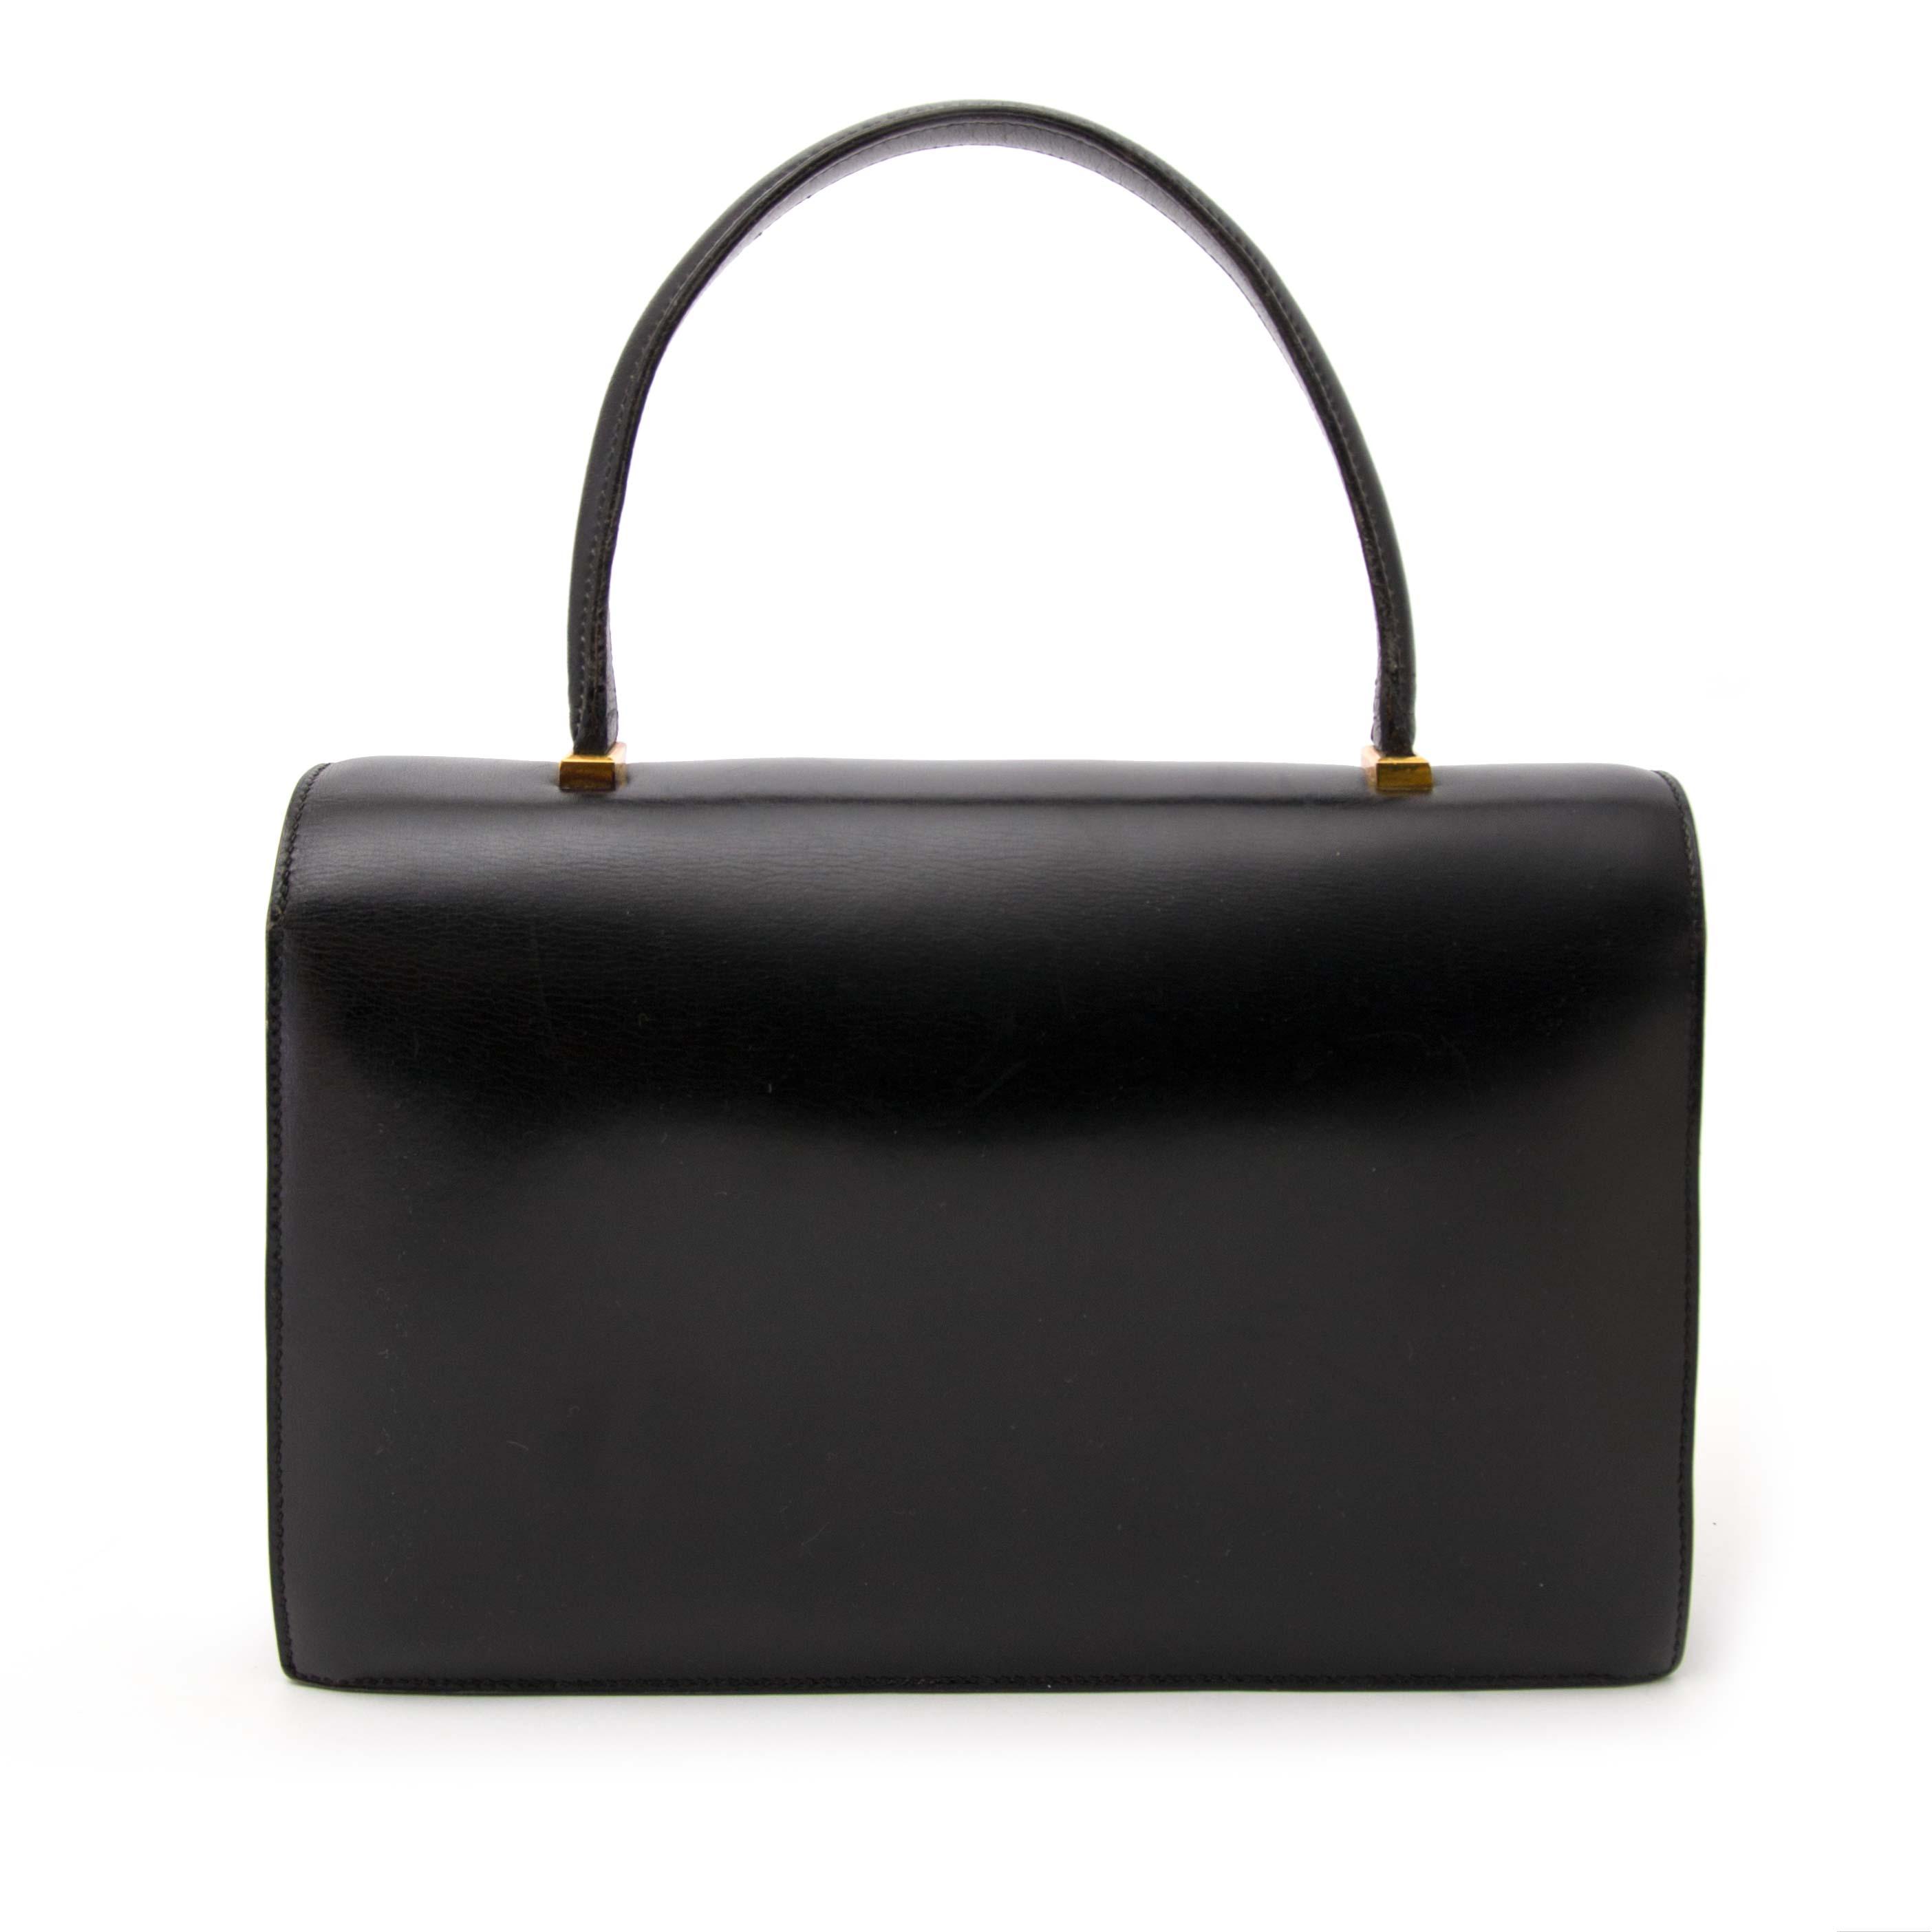 Authentique Hermès sac à main noir Labellov